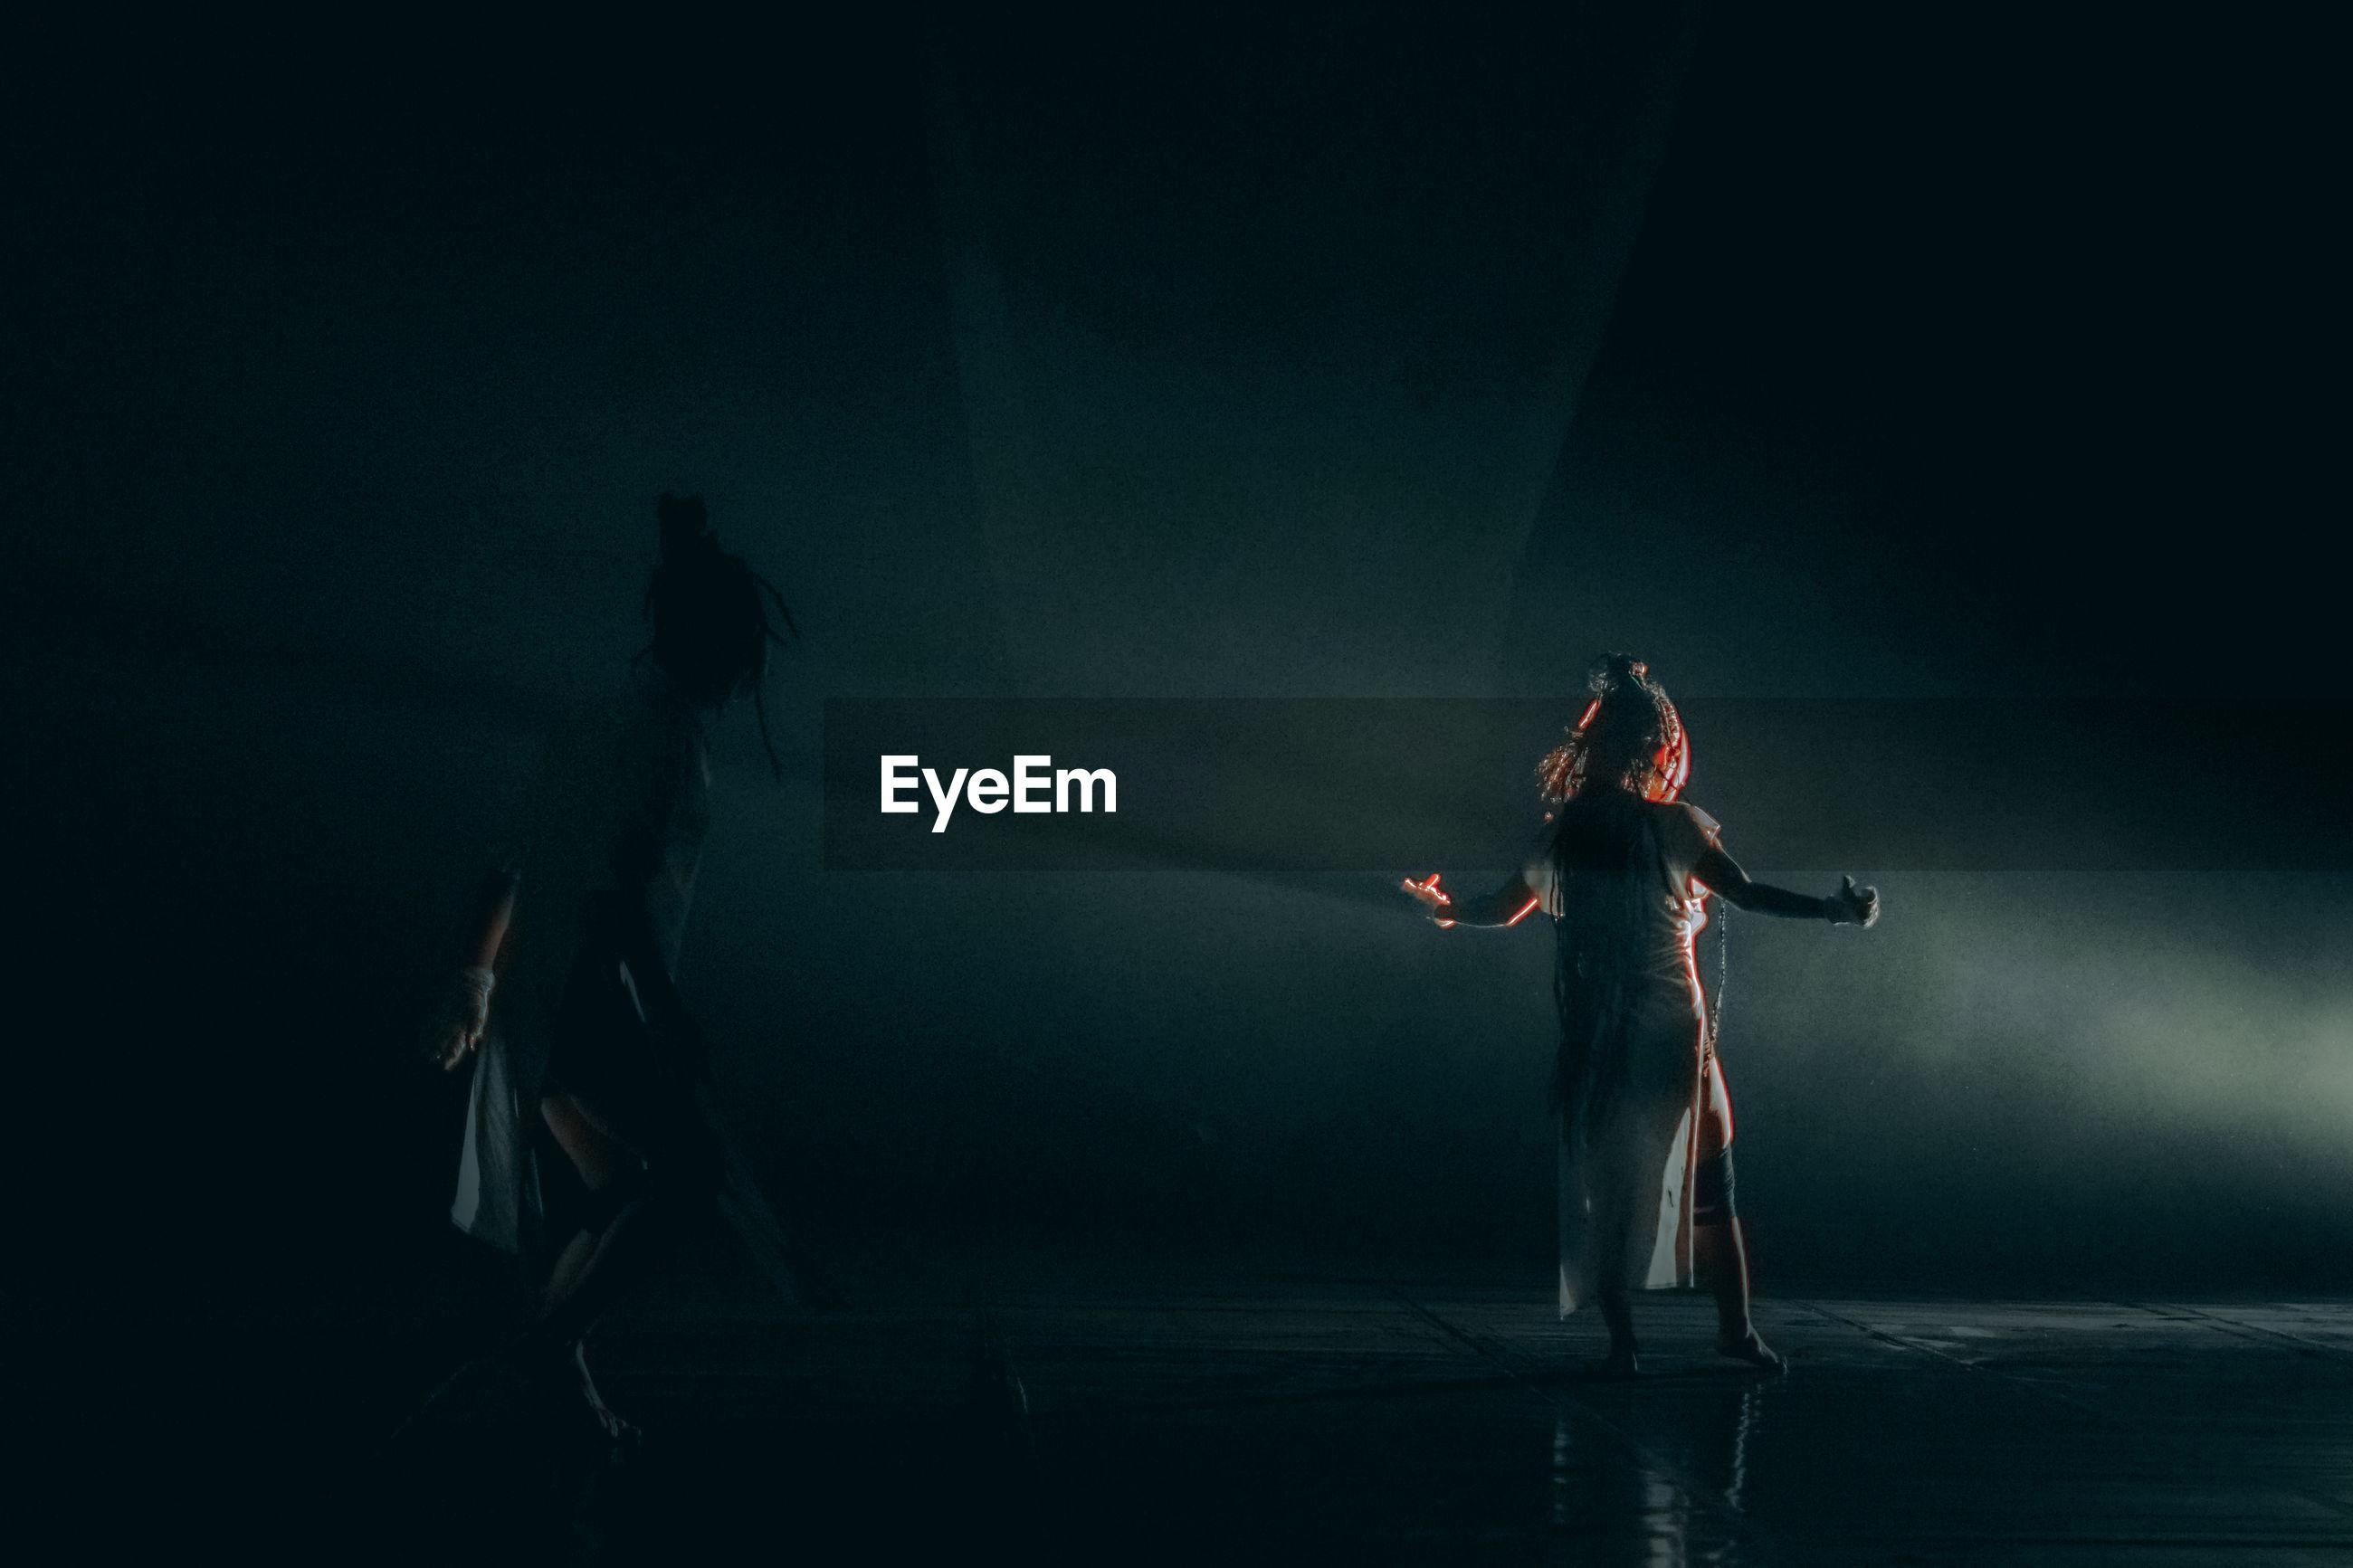 REAR VIEW OF PEOPLE DANCING IN NIGHTCLUB